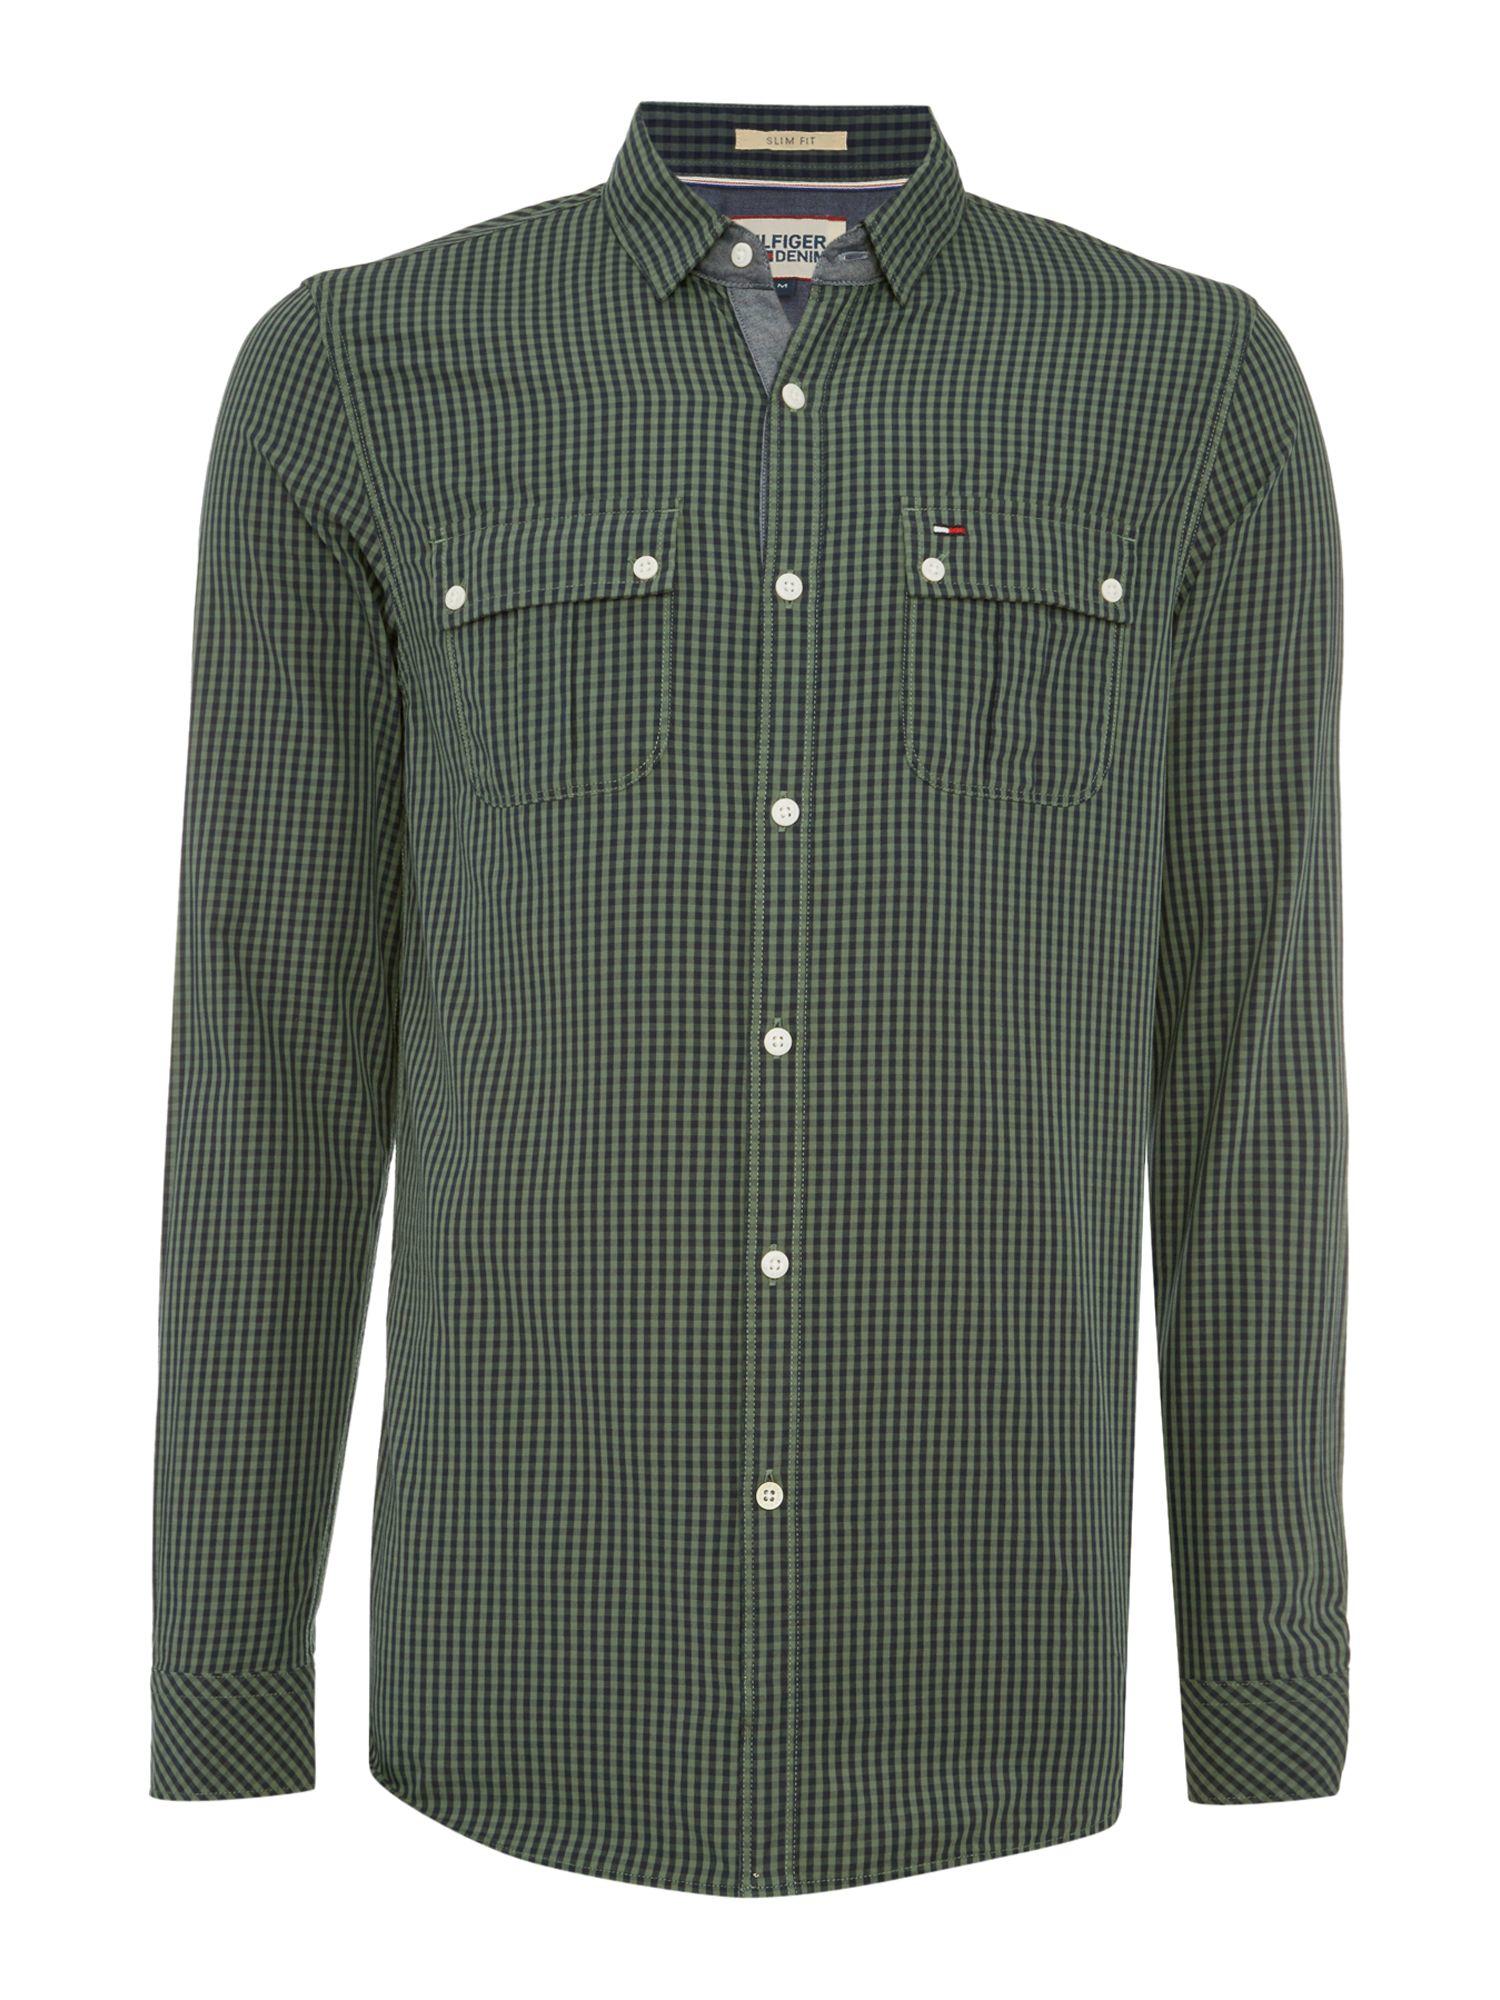 tommy hilfiger fisk check slim fit long sleeve shirt in. Black Bedroom Furniture Sets. Home Design Ideas